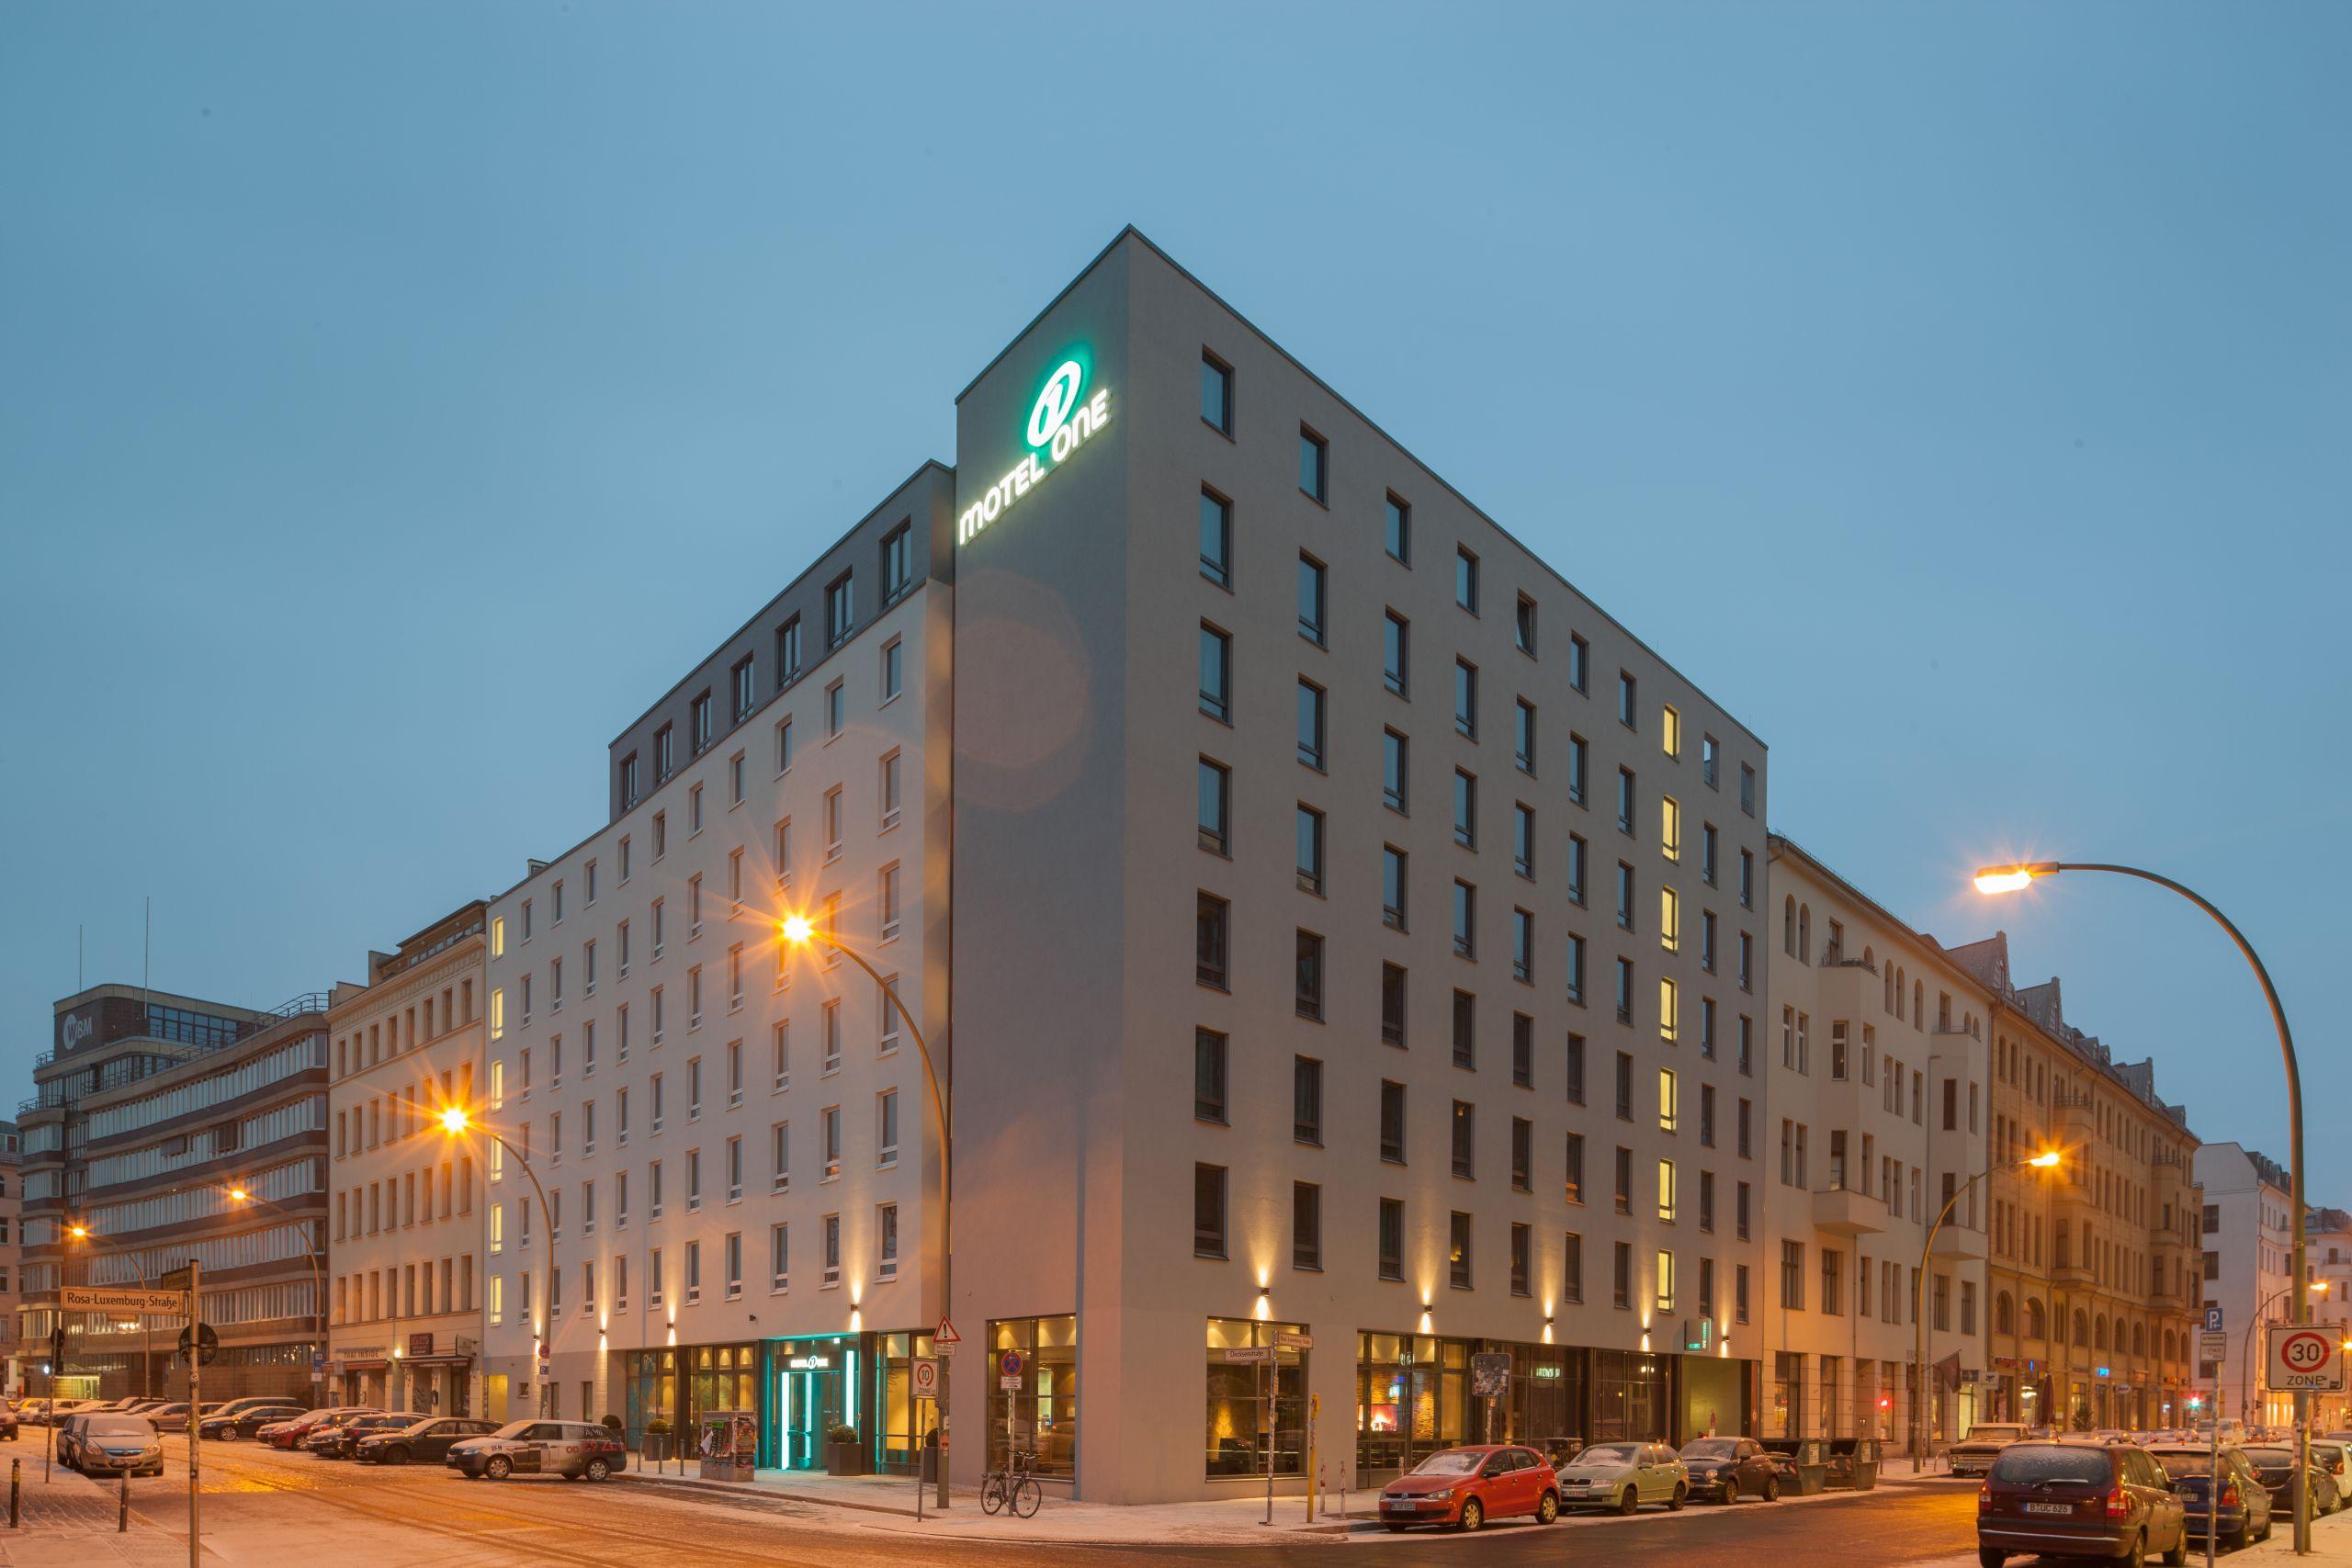 MO Hotel Berlin Hackescher Markt Outdoor 1